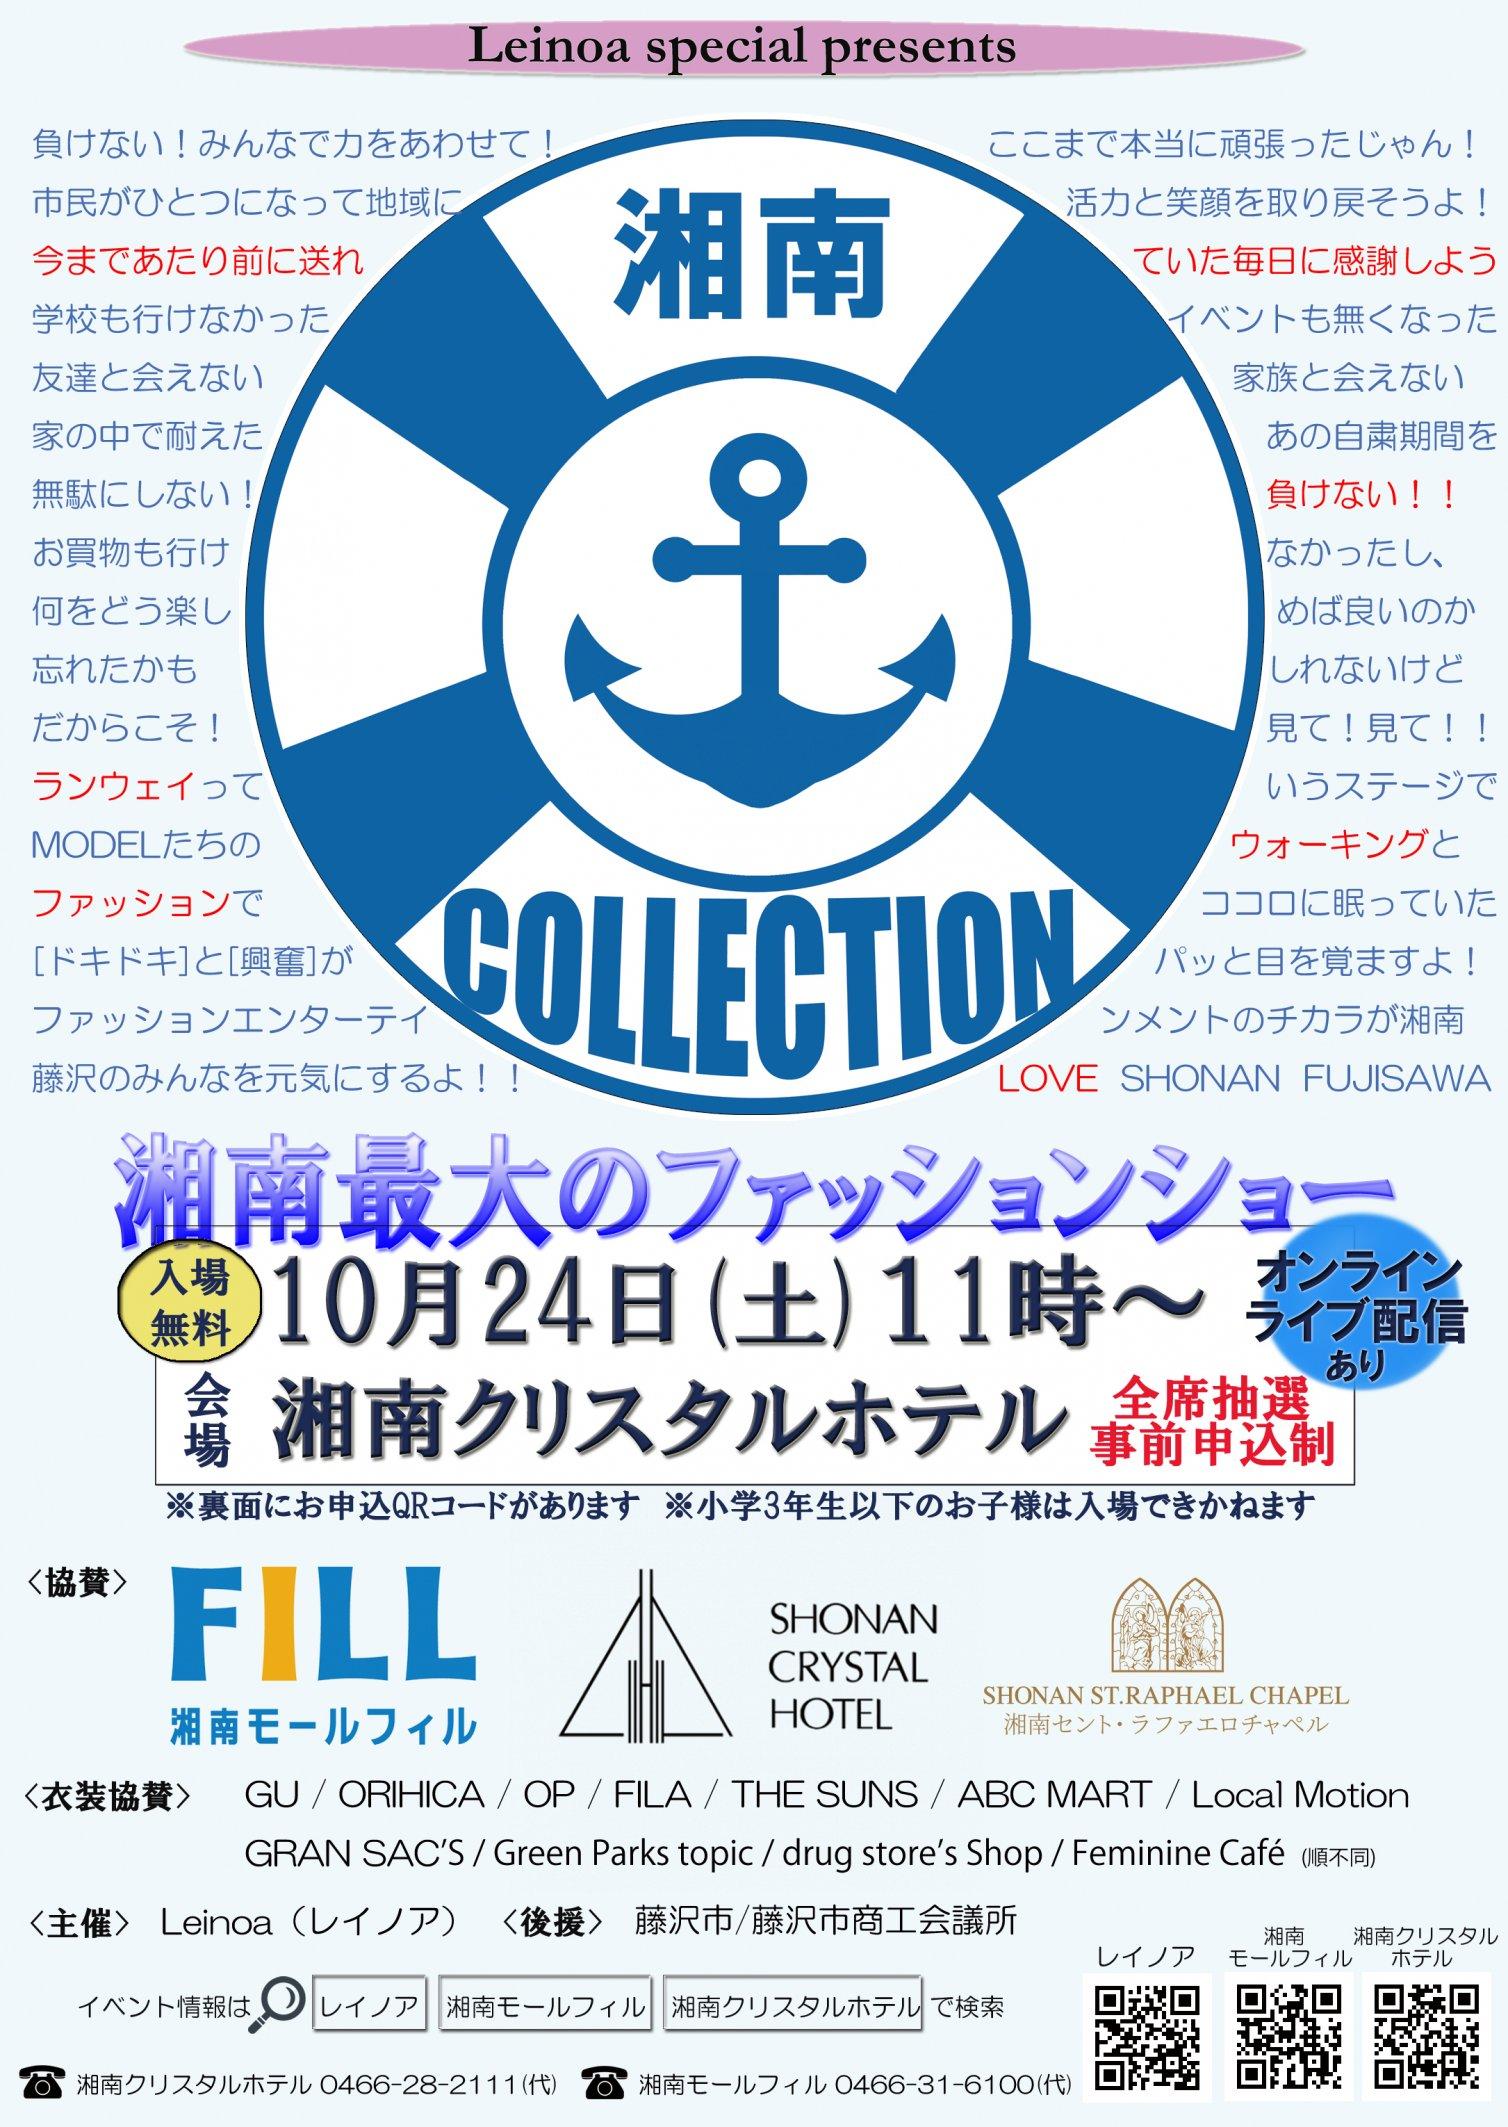 湘南最大のファッションショー! 湘南COLLECTION